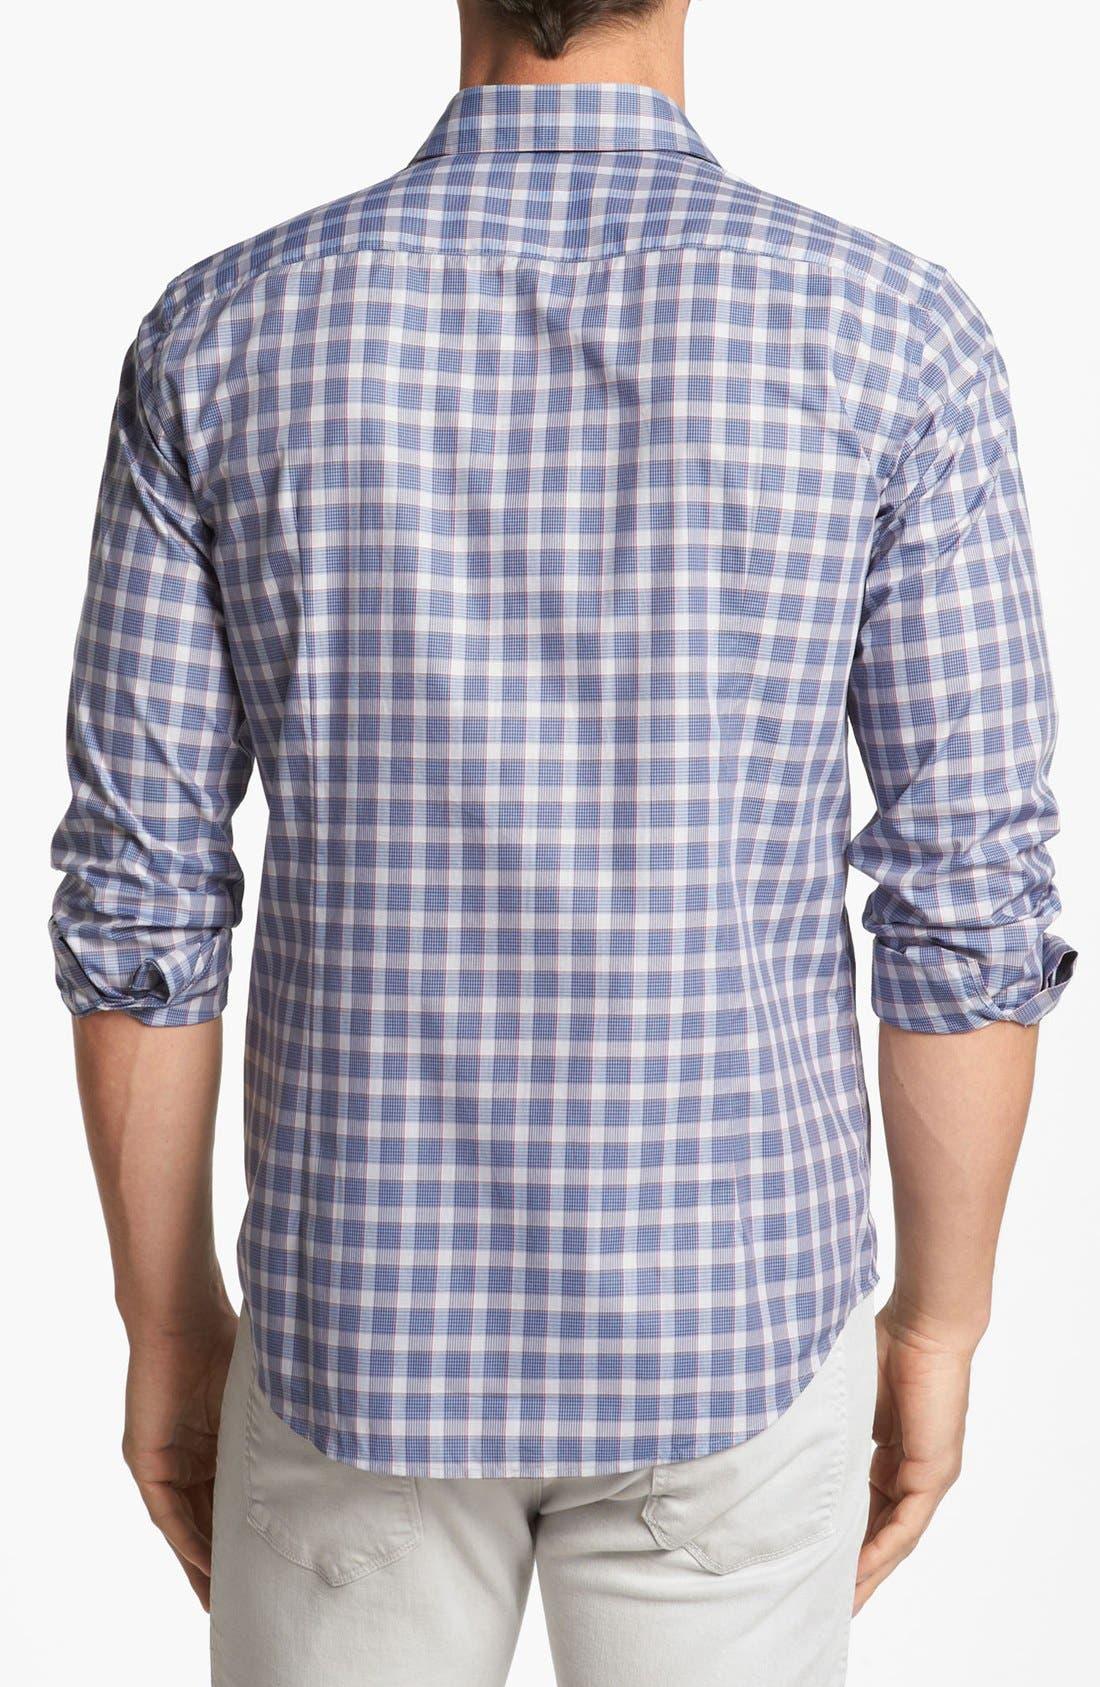 Alternate Image 2  - BOSS HUGO BOSS 'Ronny' Slim Fit Sport Shirt